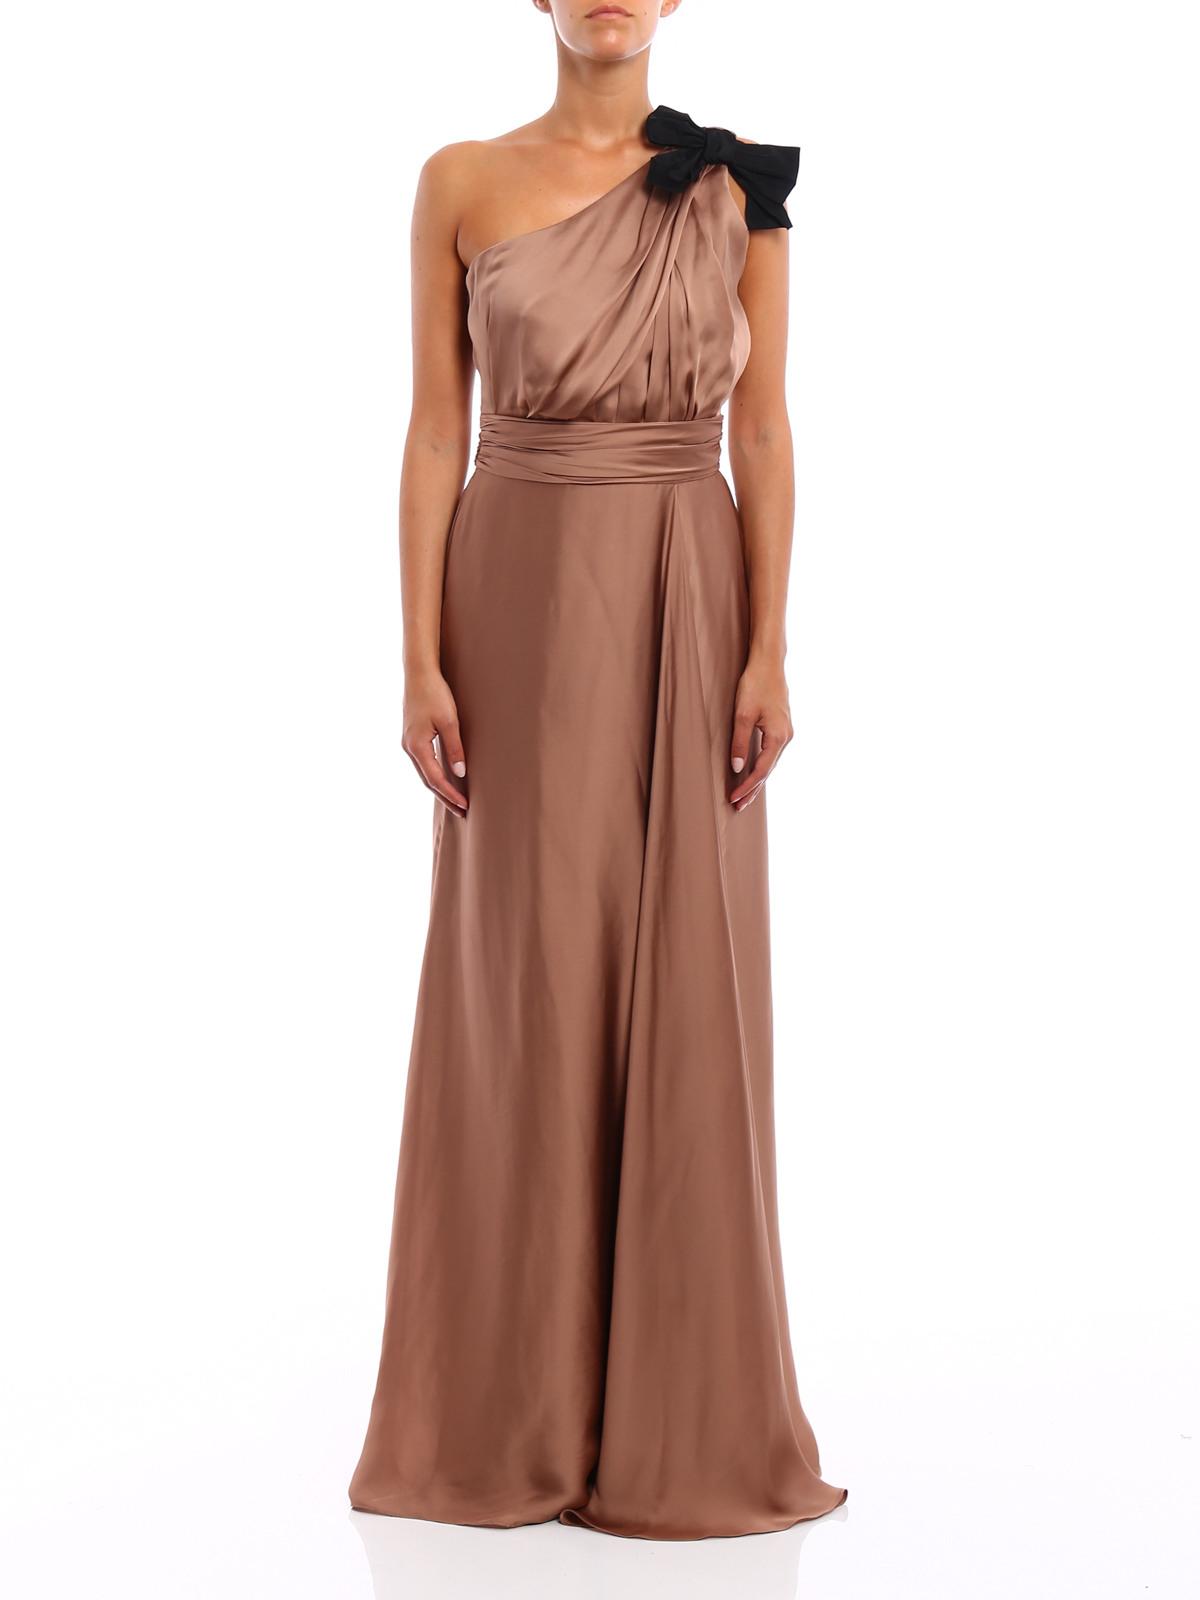 Fantastisch Max Mara Abendkleid Ärmel15 Einzigartig Max Mara Abendkleid Boutique